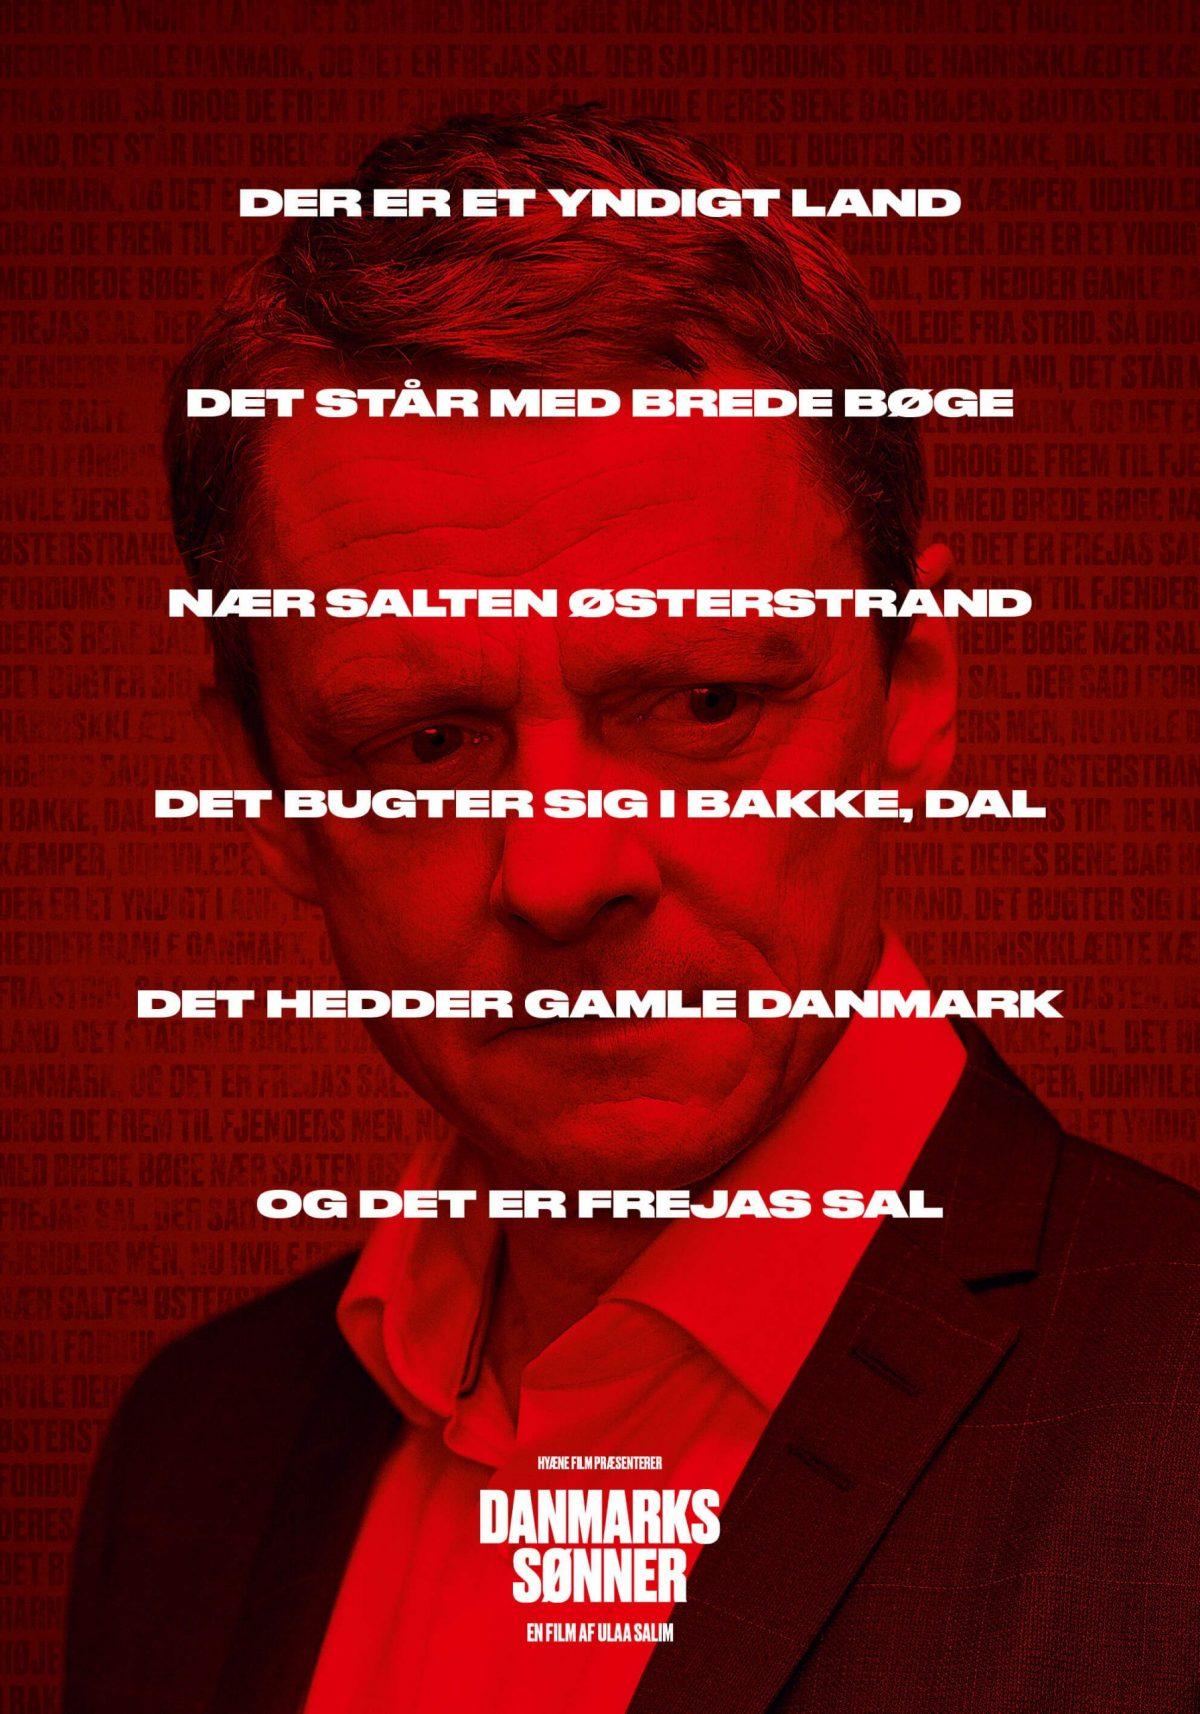 DKSØNNER_KARAKTER_70x100_LOWRES8